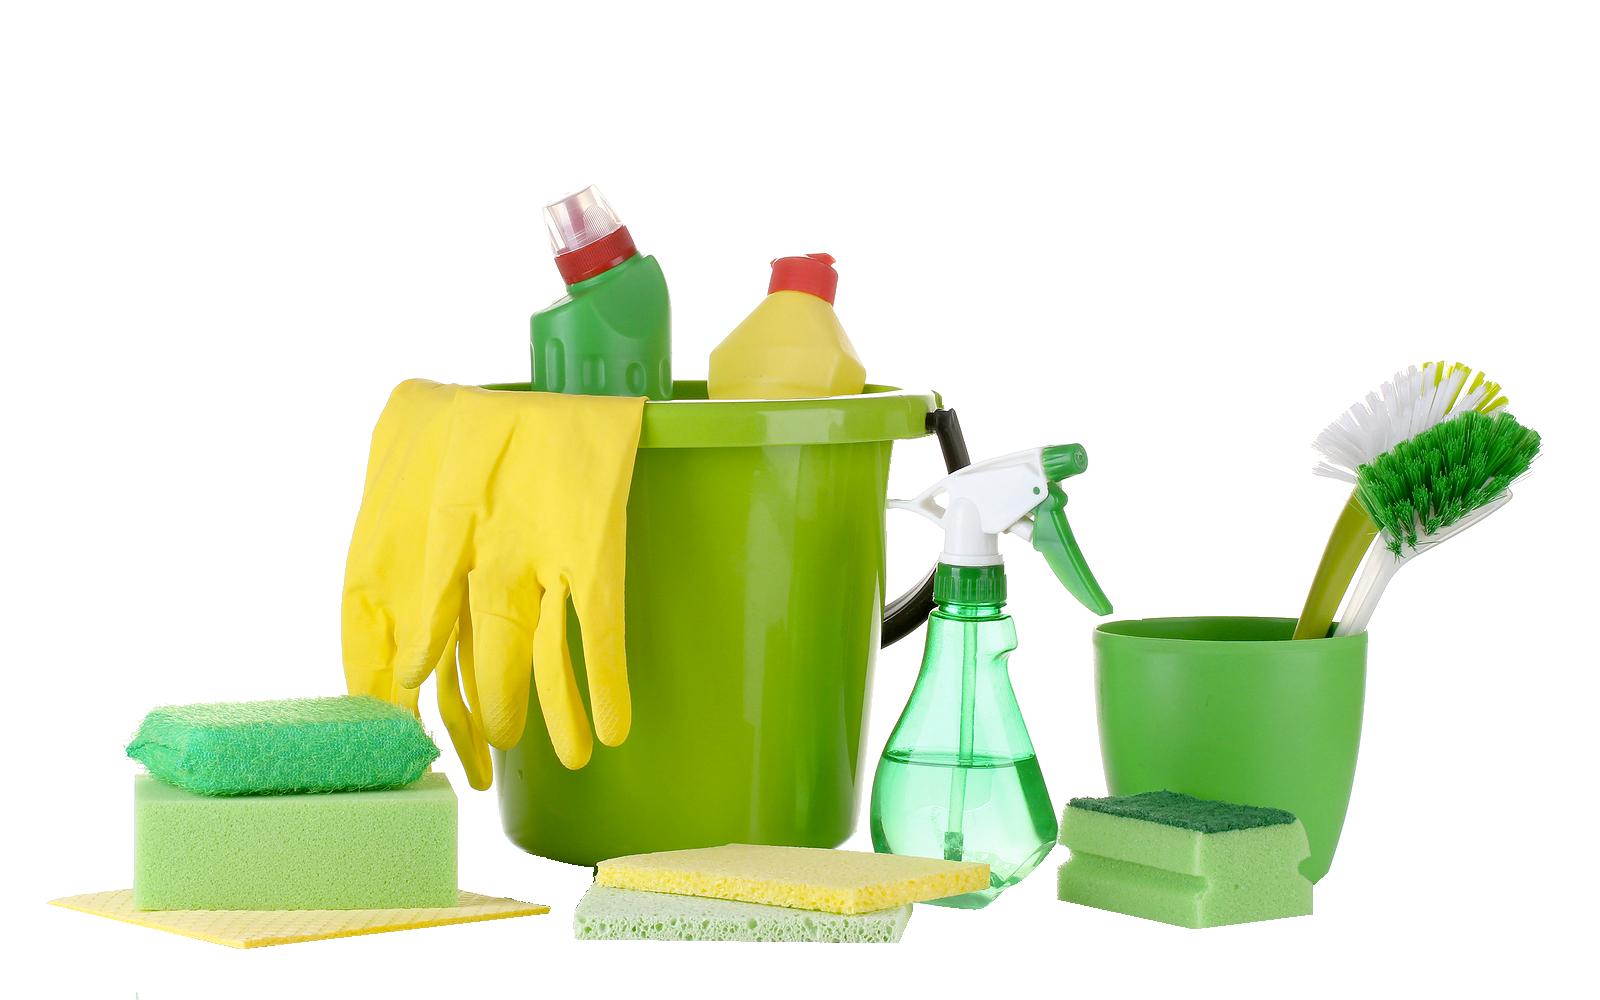 Empresas de limpieza en madrid ccclean for Empresas de limpieza en toledo